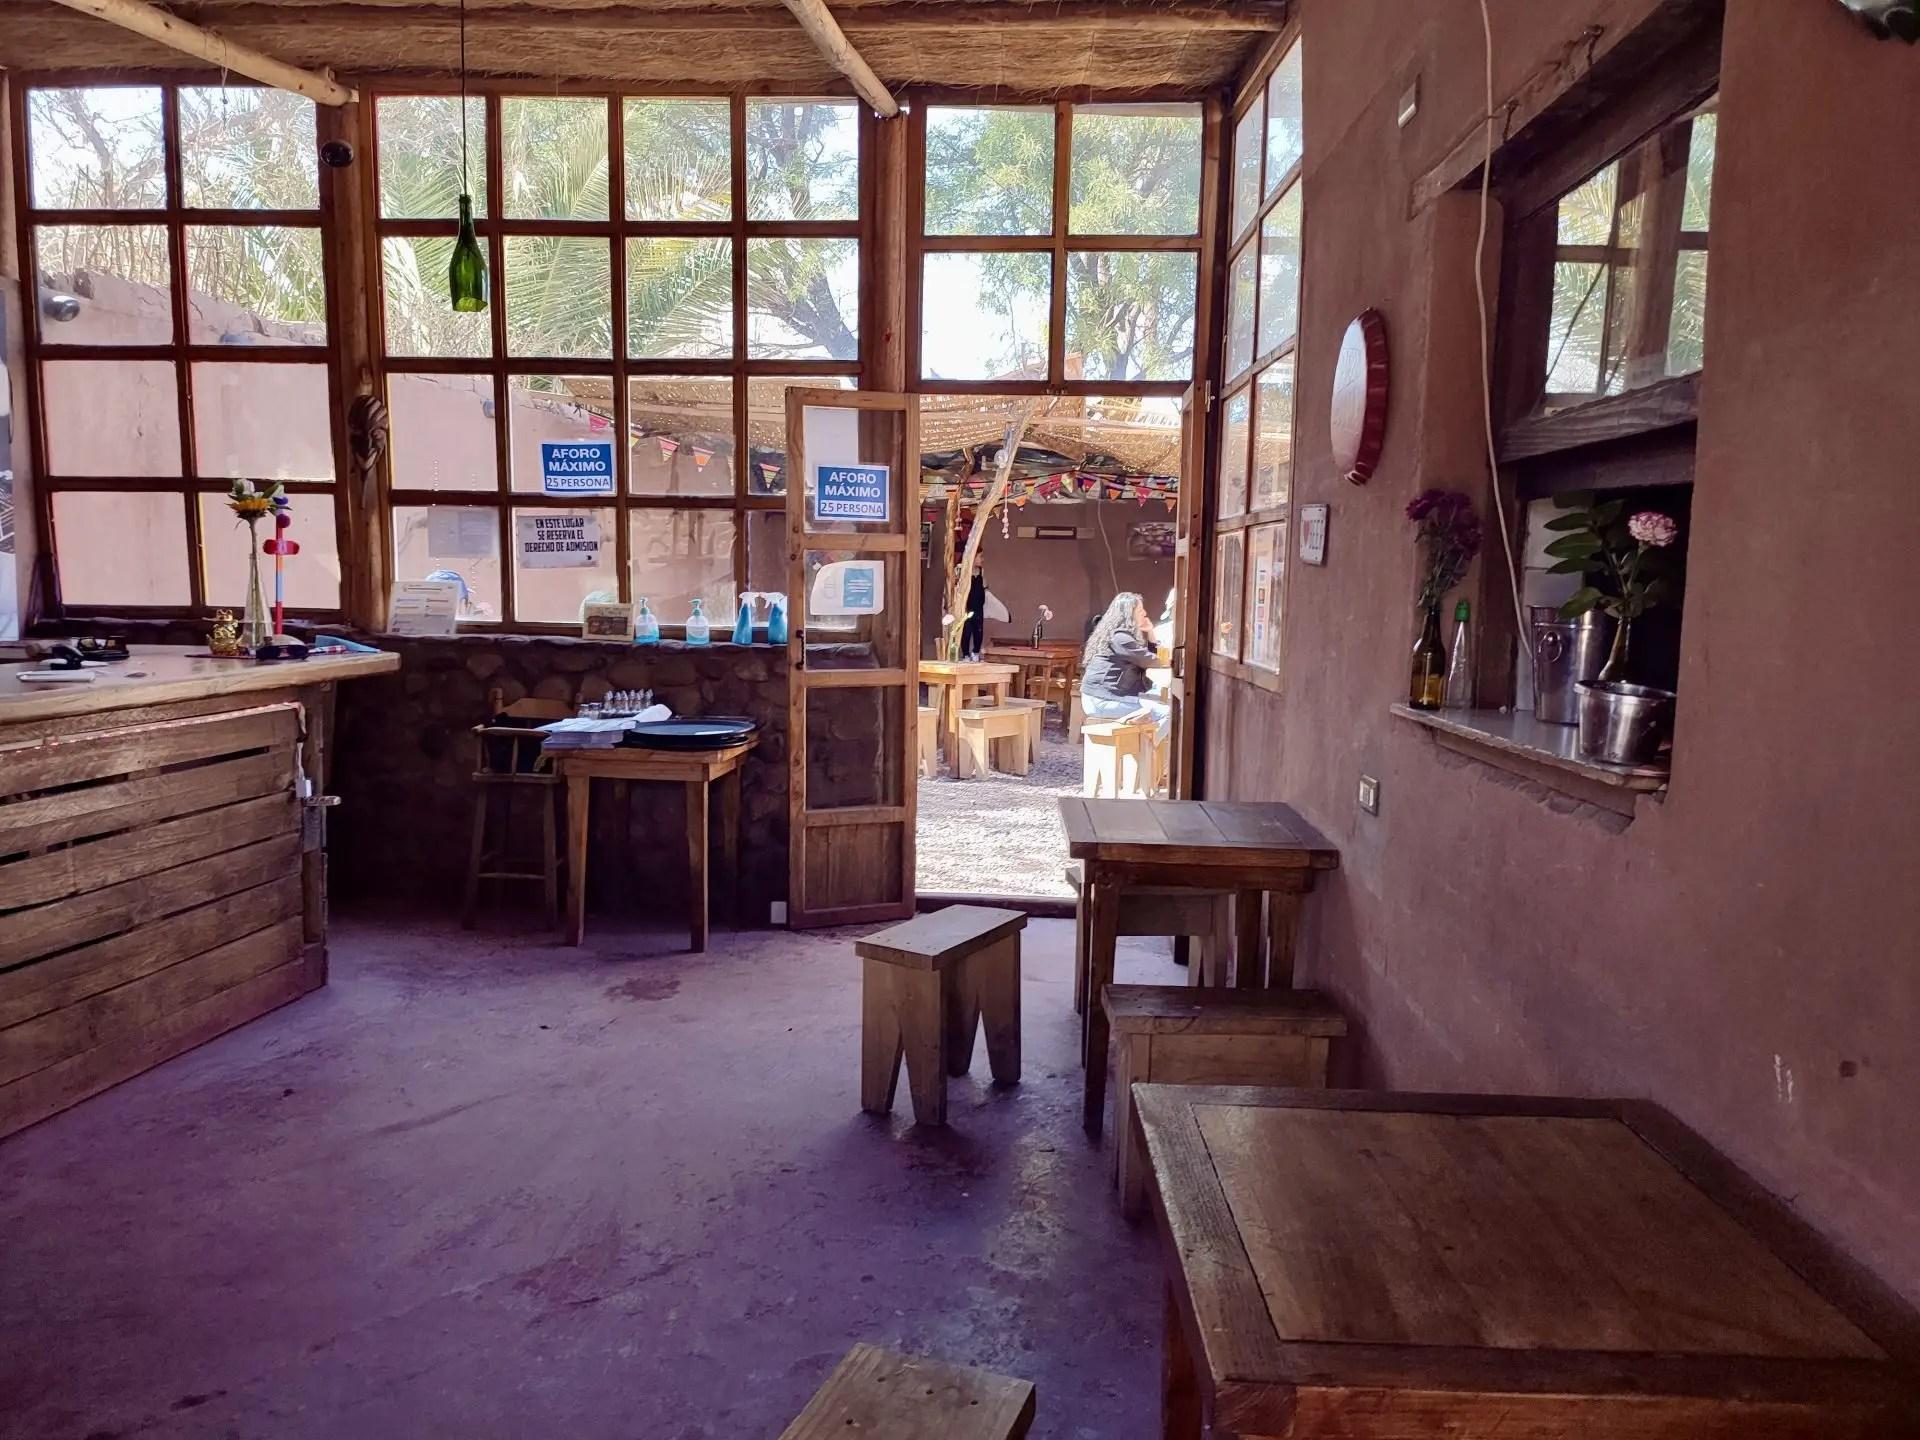 Restaurante Los Gor2 San Pedro de Atacama.